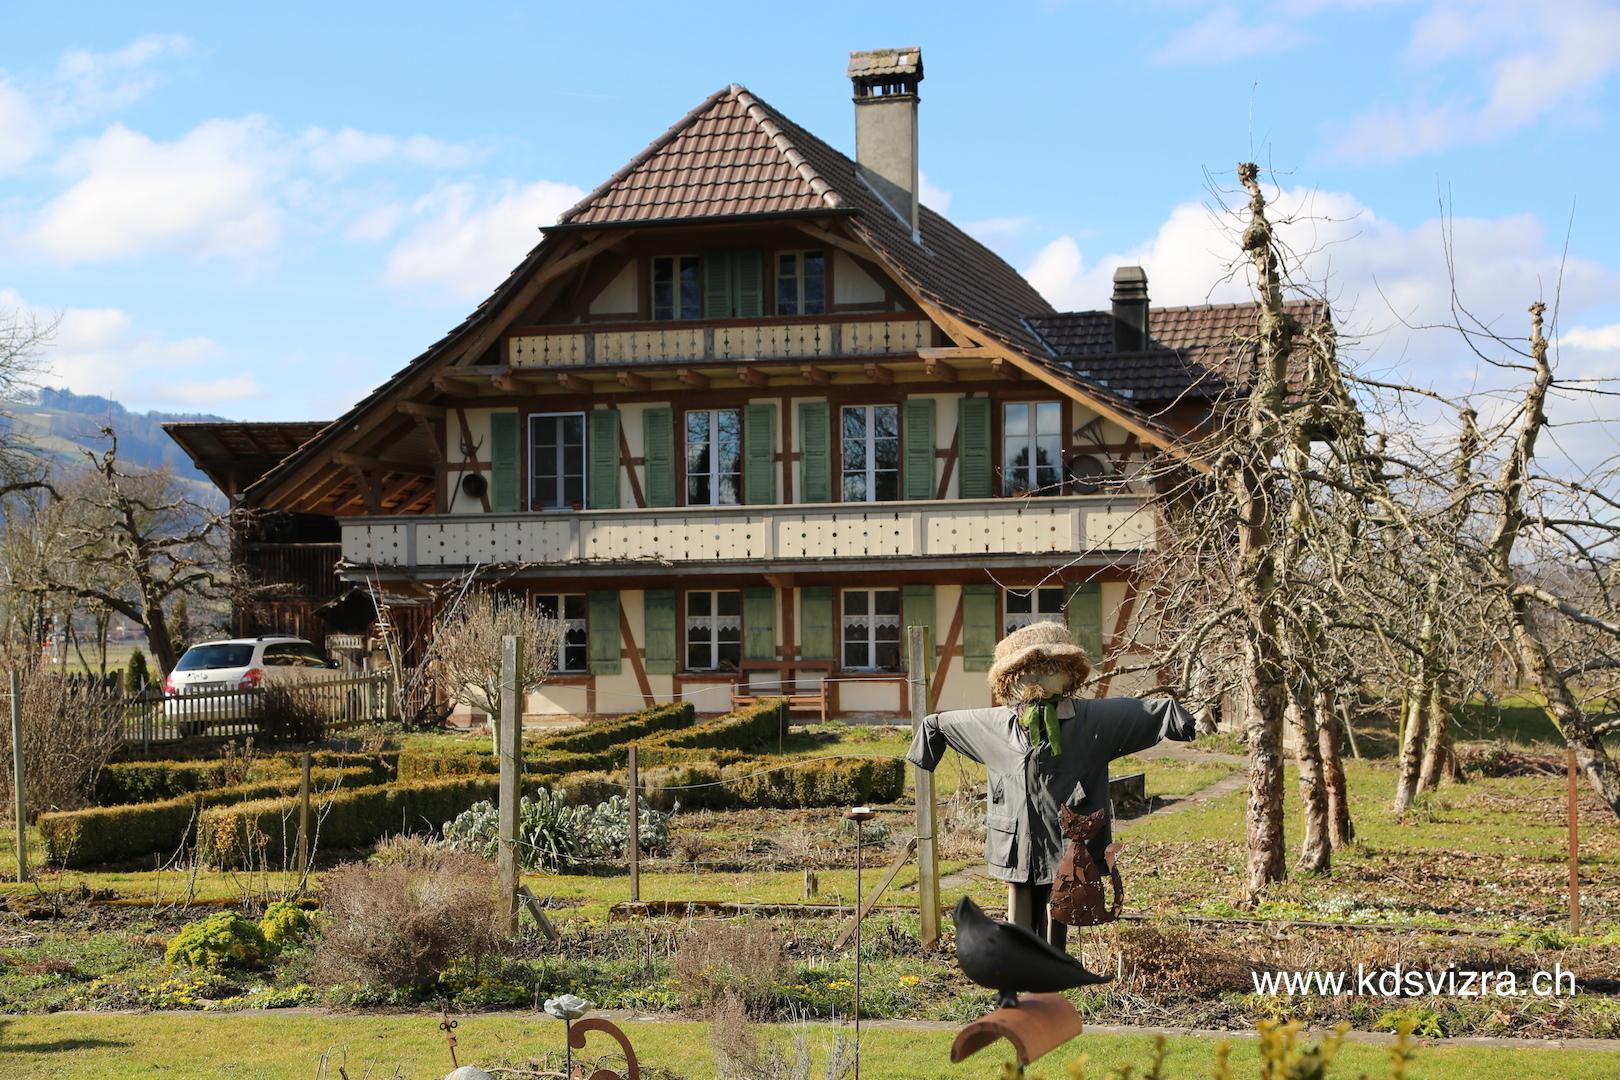 780 Koleksi Gambar Rumah Petani Gratis